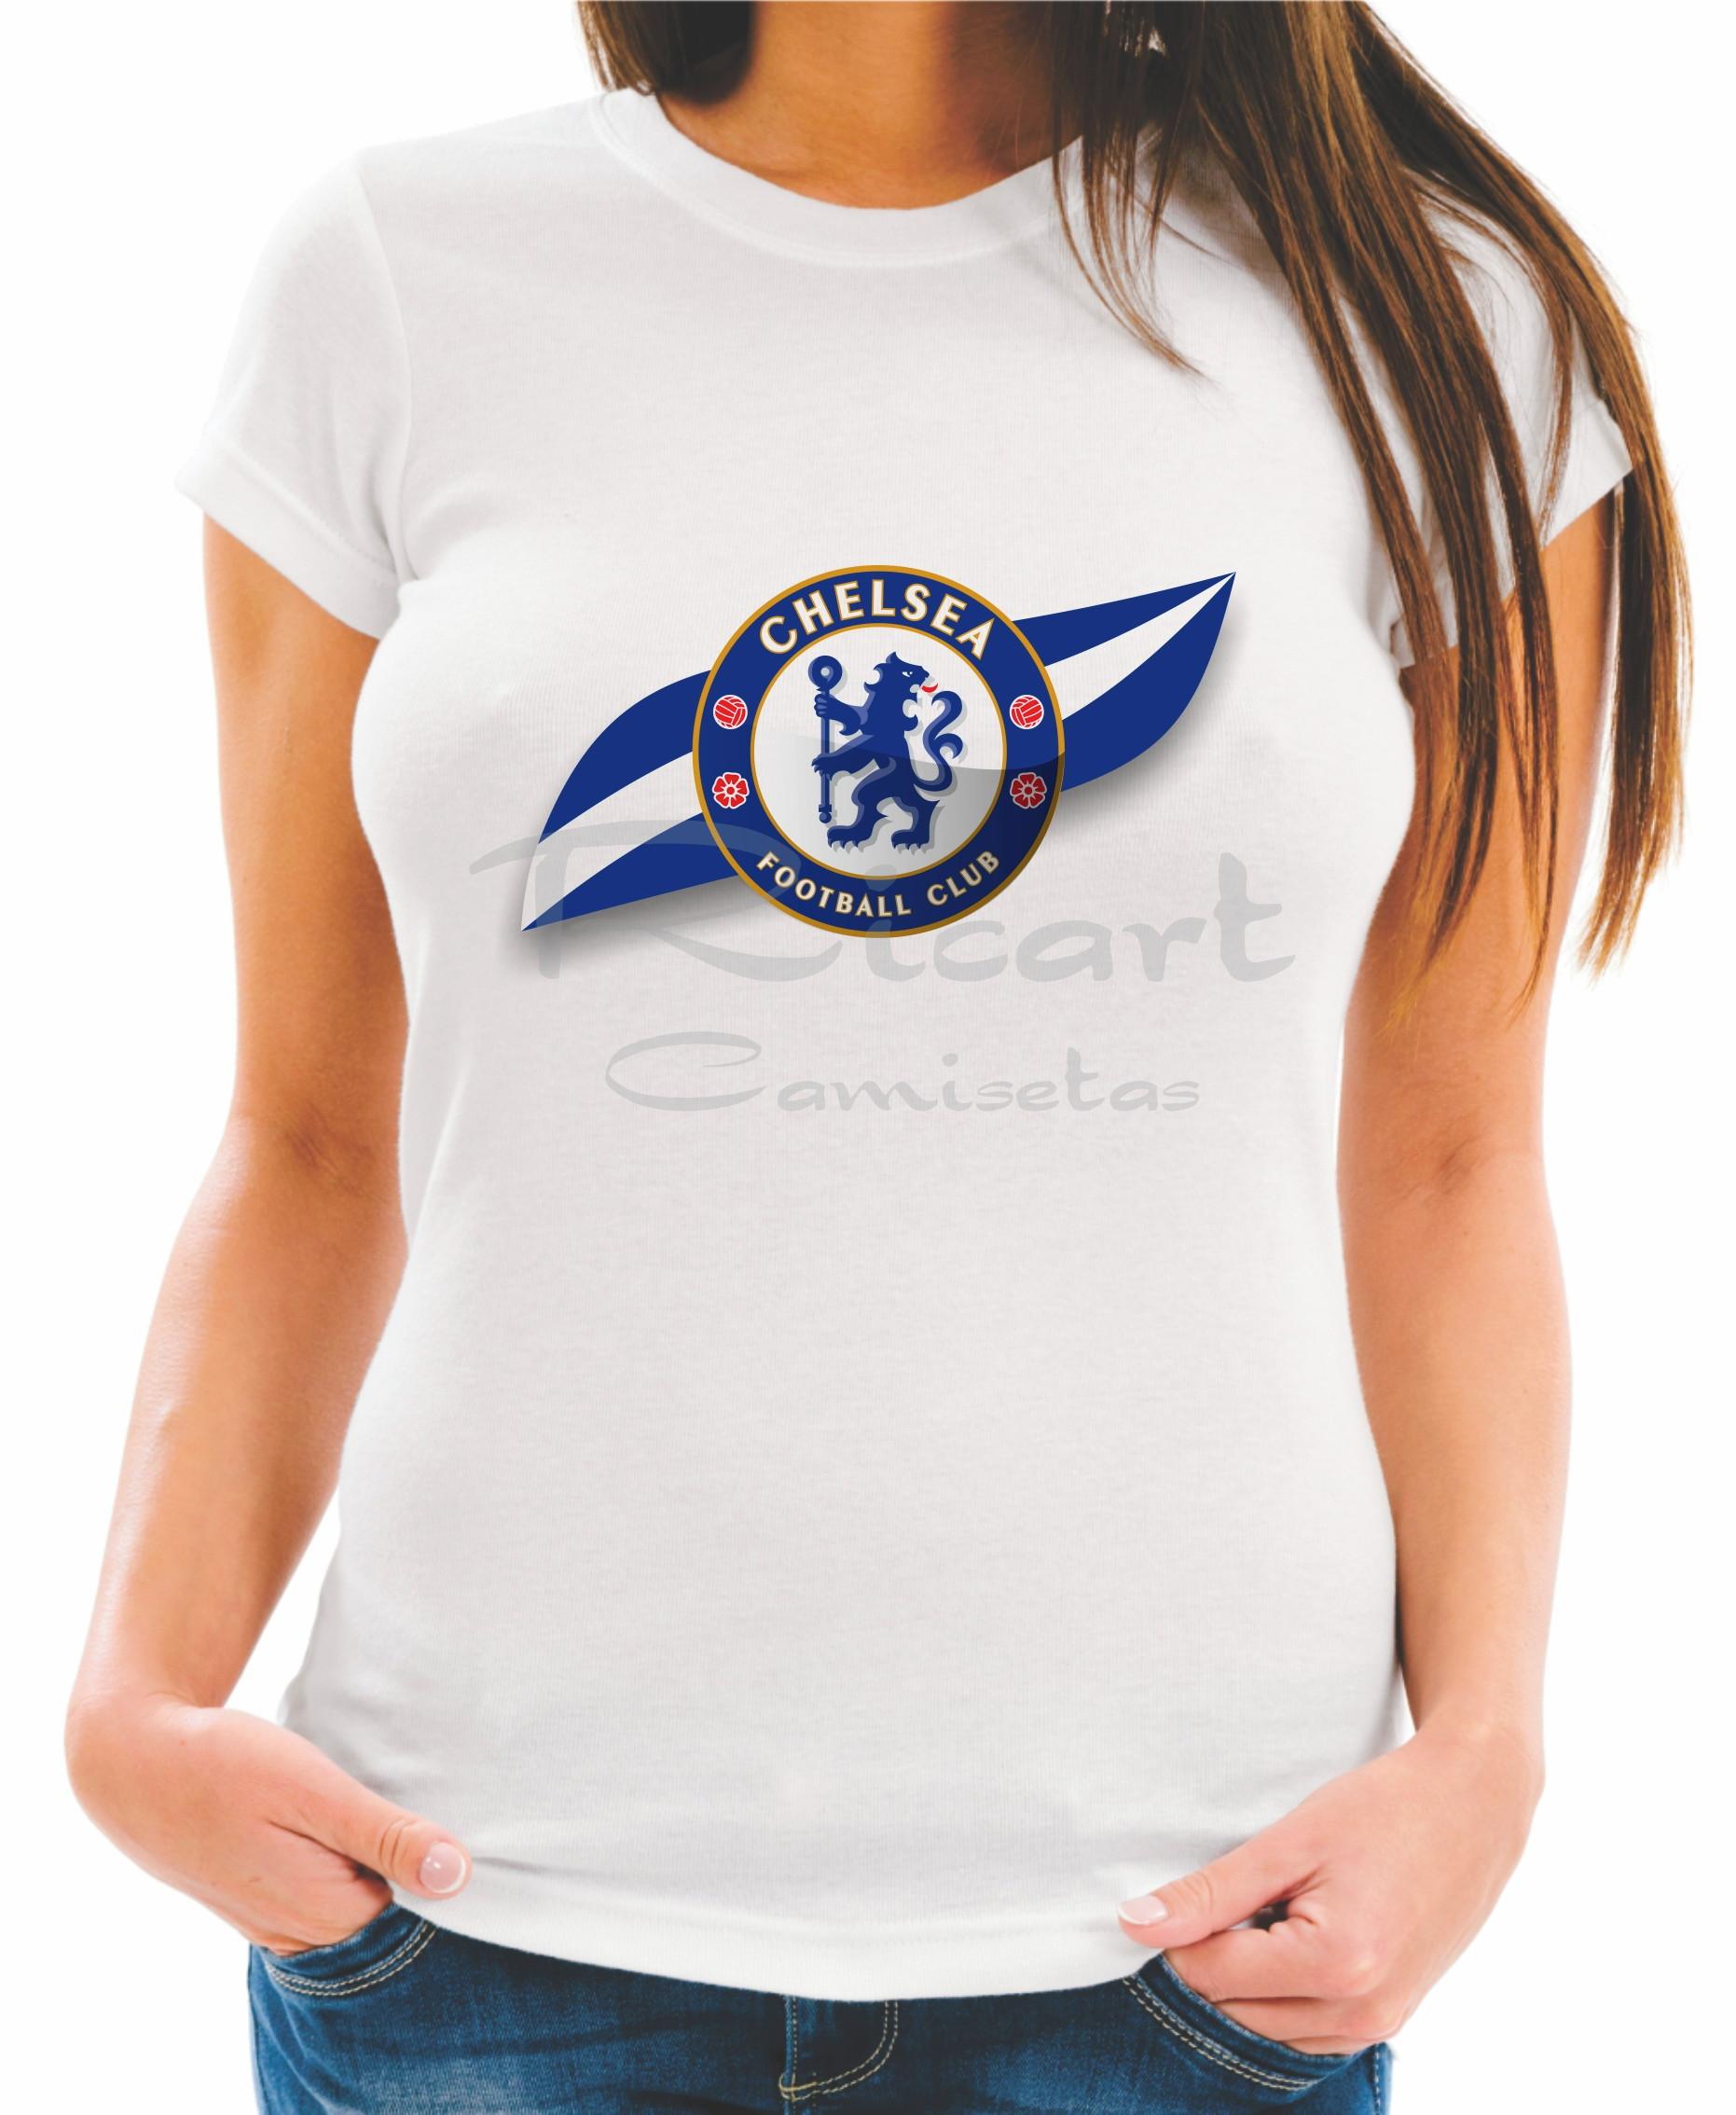 9612985ec5 Camiseta Chelsea Time Futebol Escudo no Elo7